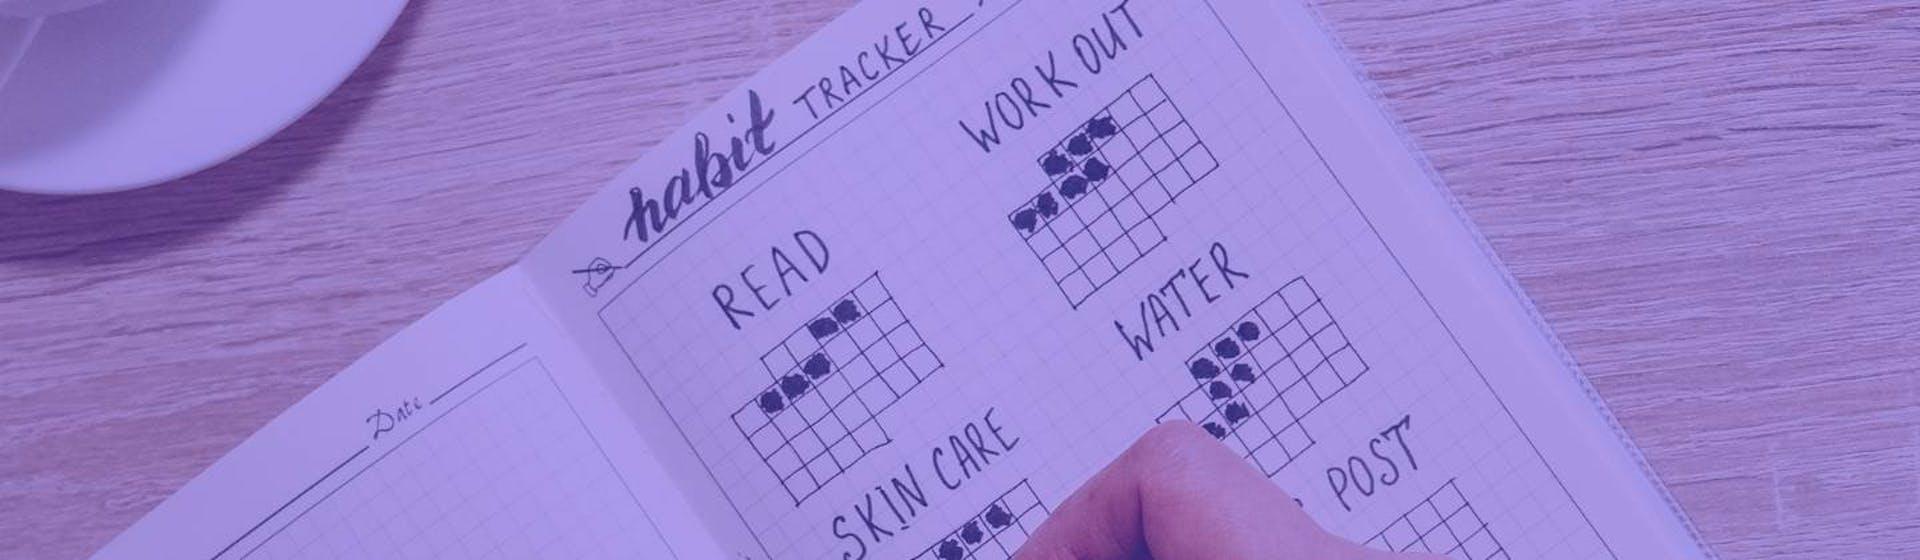 ¿Qué es un hábito? Técnicas fáciles para incluir actividades saludables a tu rutina